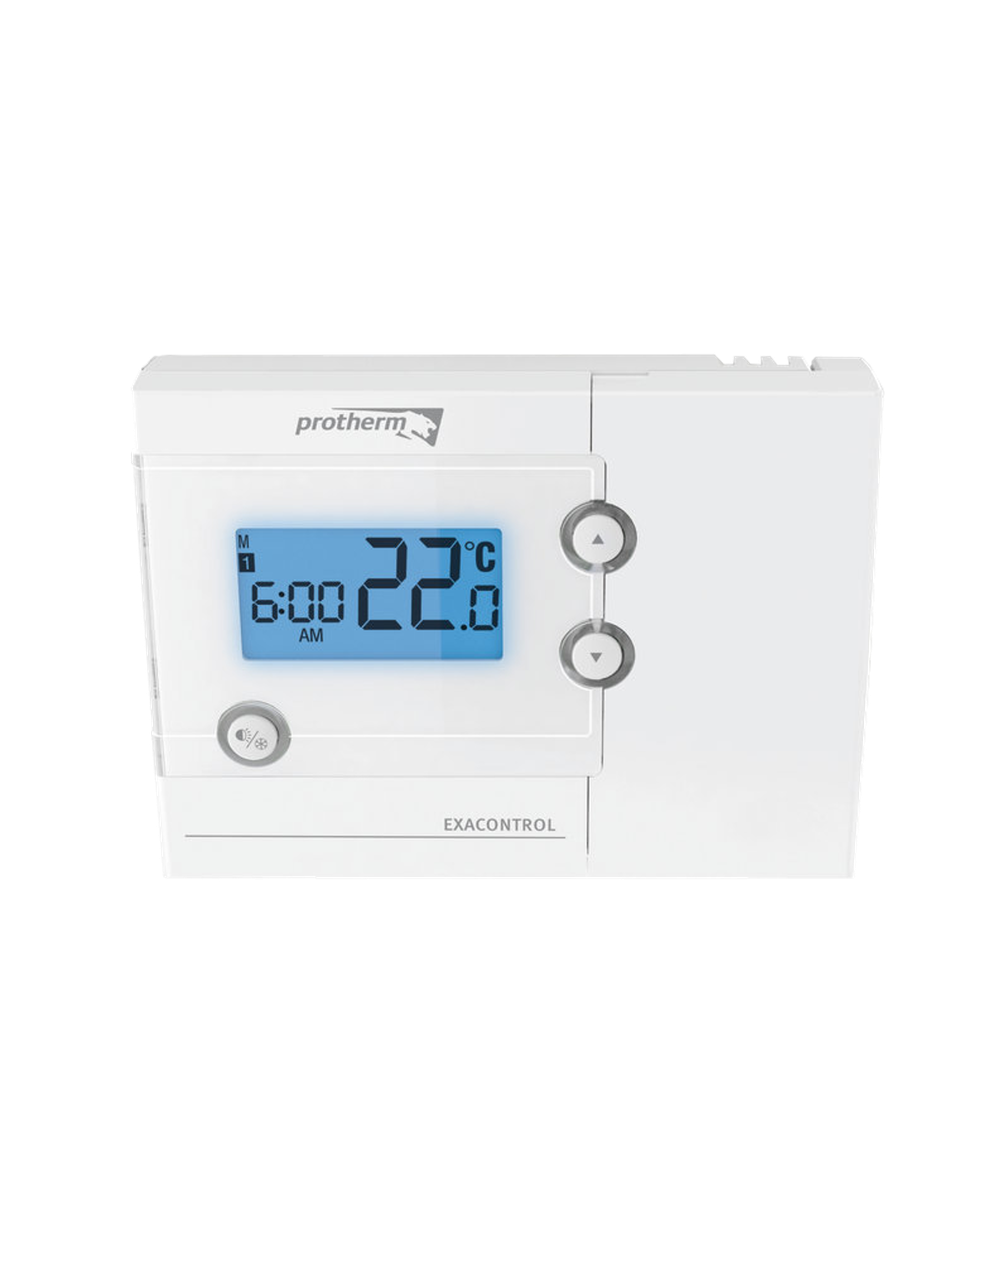 Цифровой электронный термостат с дисплеем Protherm EXACONTROL